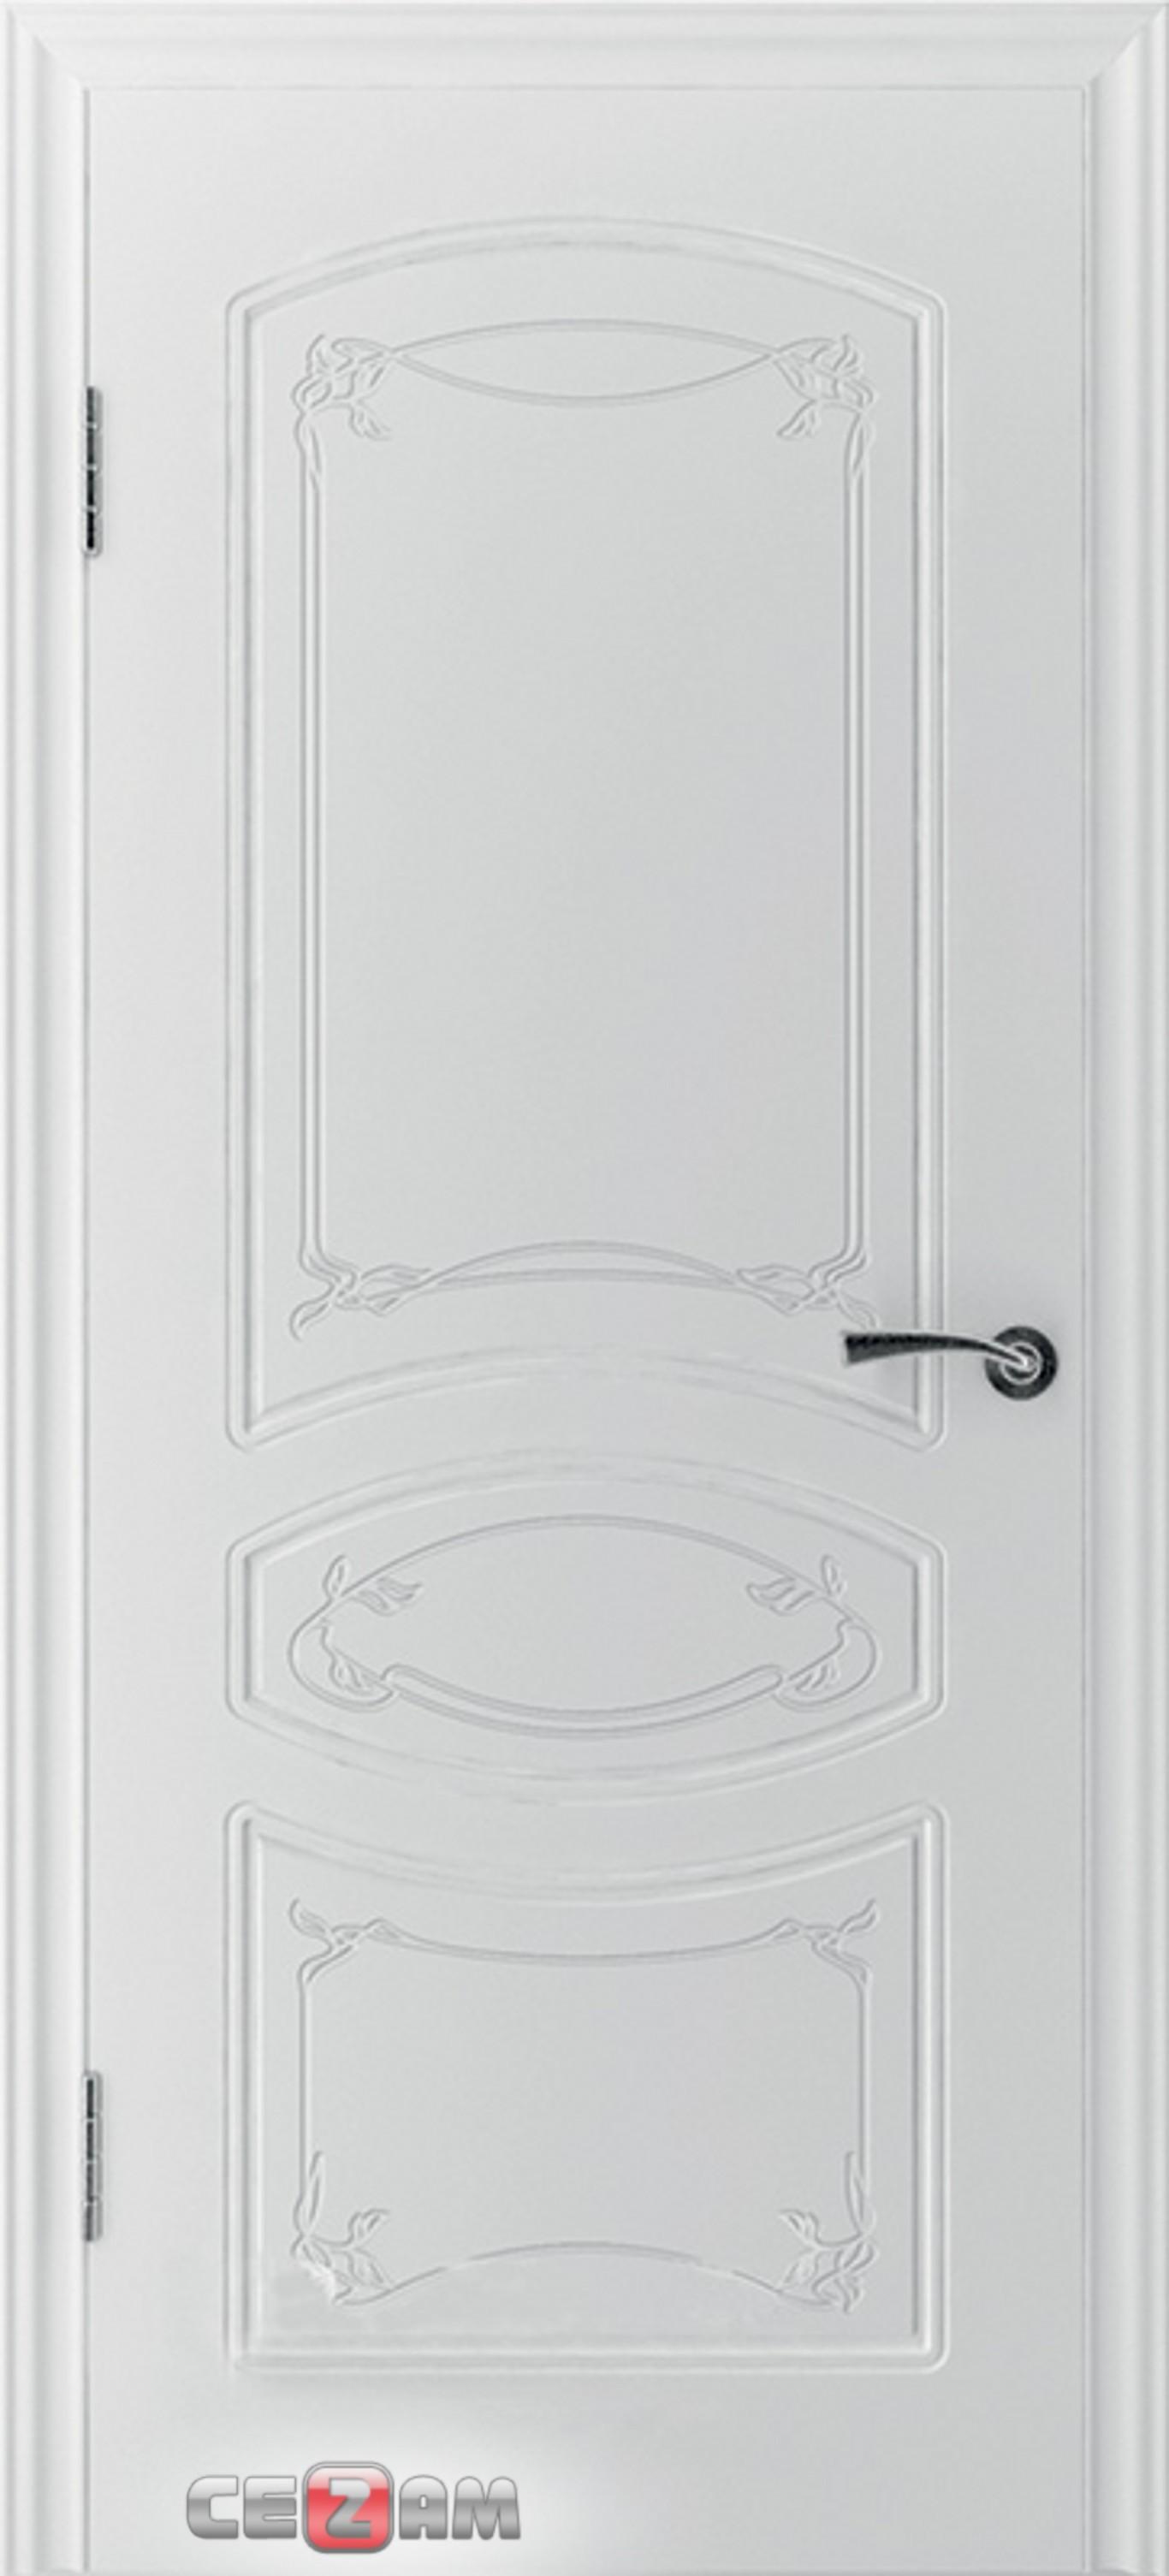 Стекло лакомат и мателюкс, применение в дизайне шкафов купе